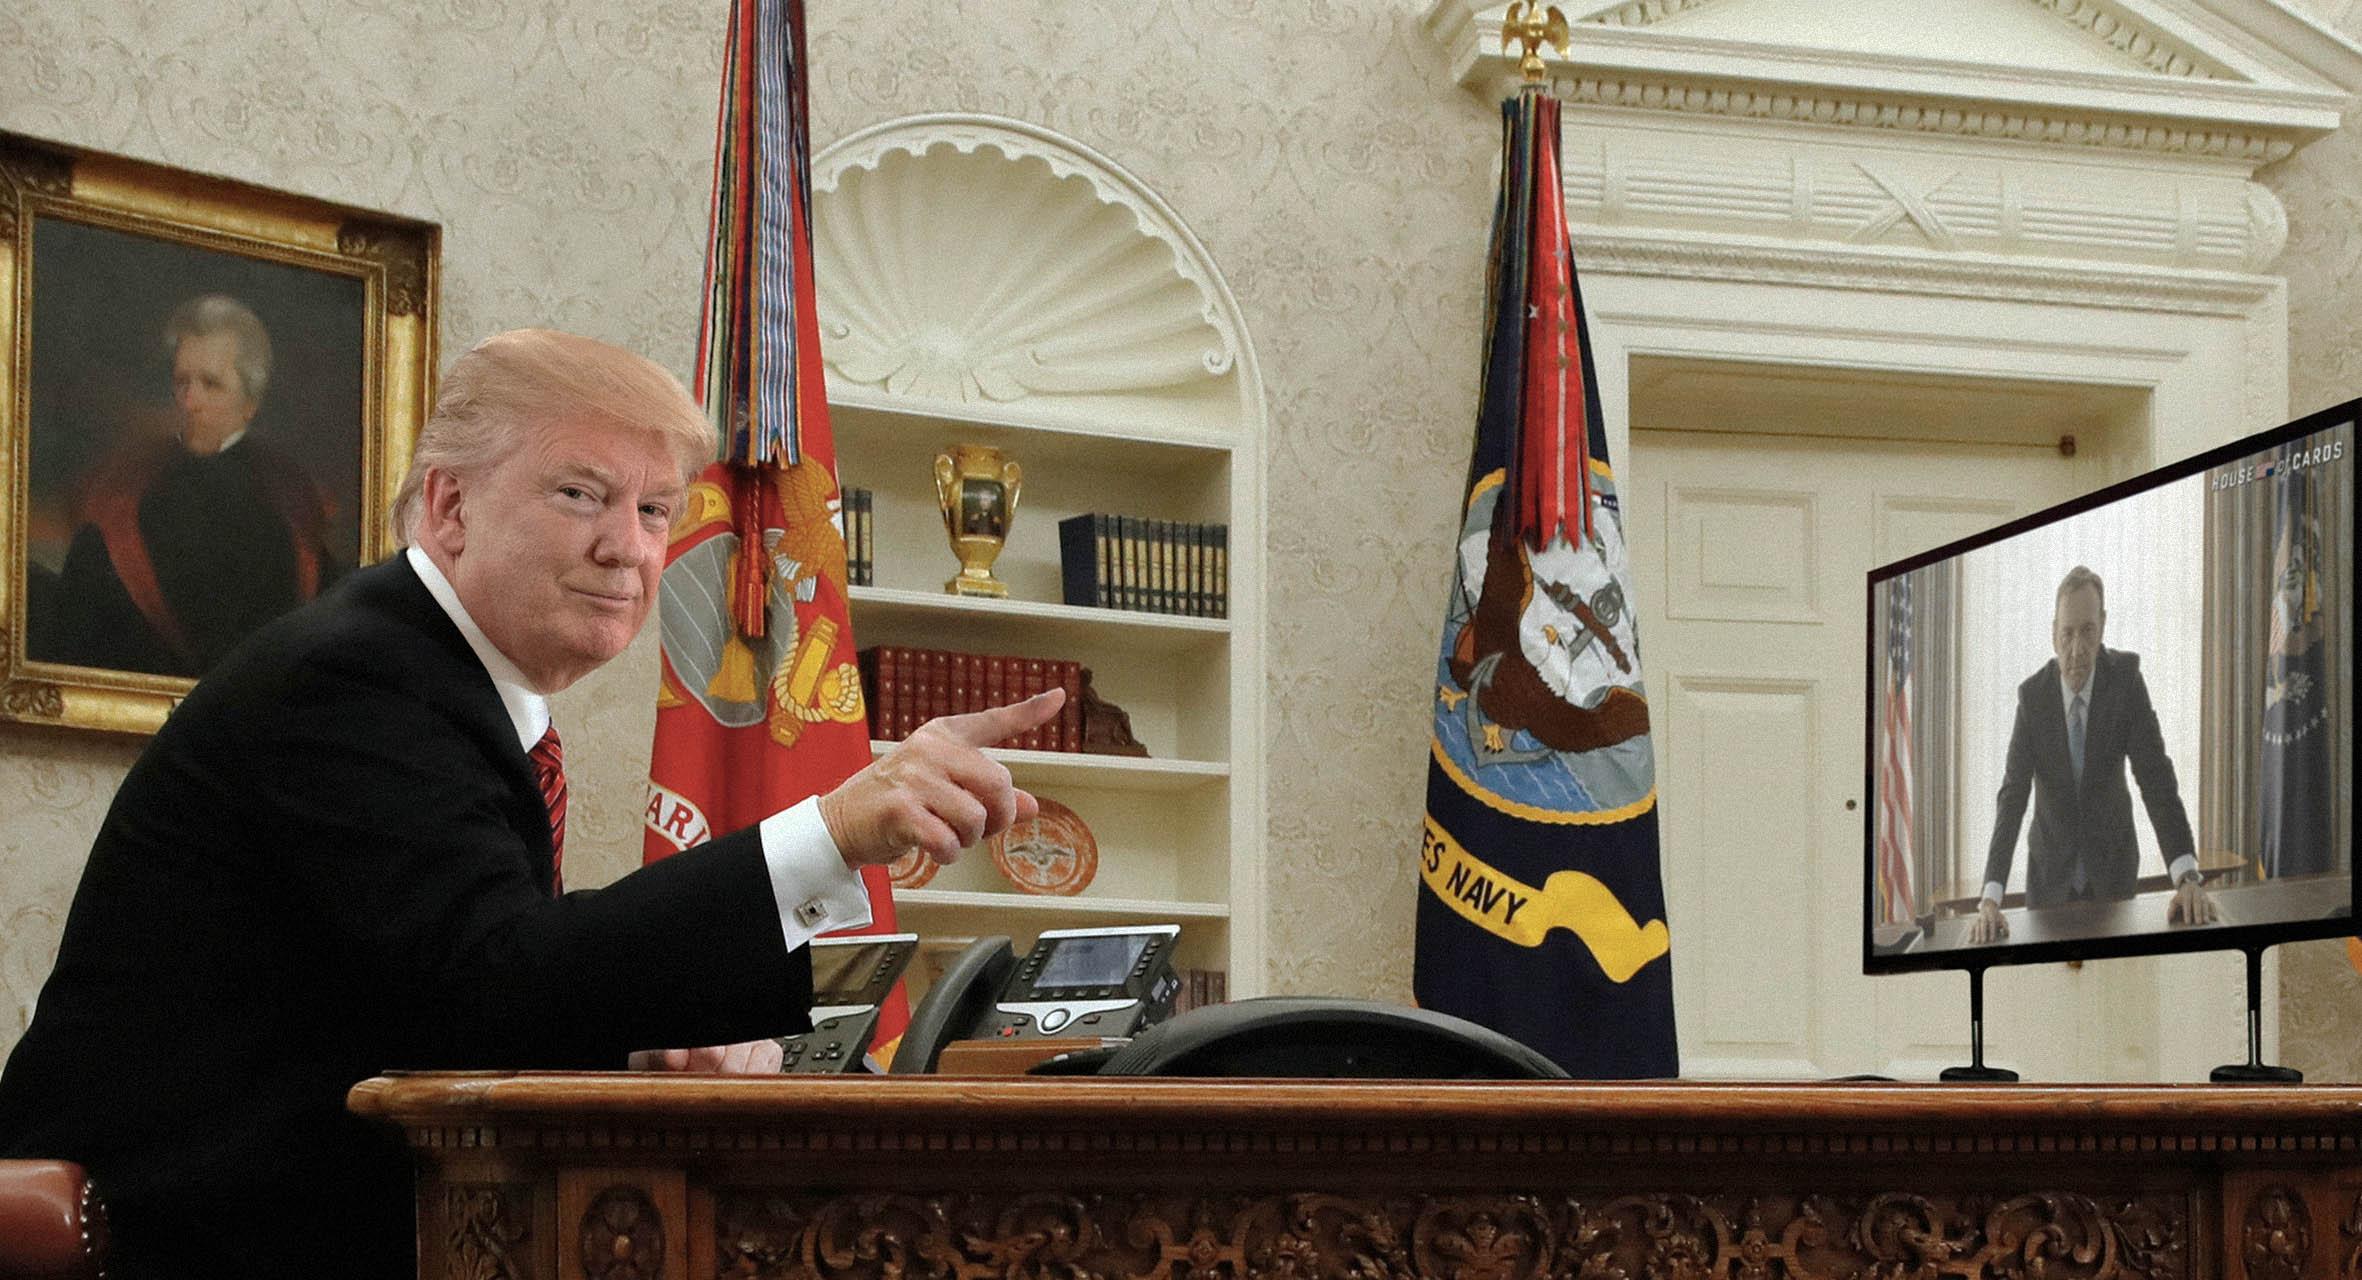 صورة ترامب يؤكد أنه تابع مسلسل هاوس أوف كاردز جيداً ولن تمر عليه حيل الديمقراطيين الرامية لإخراجه